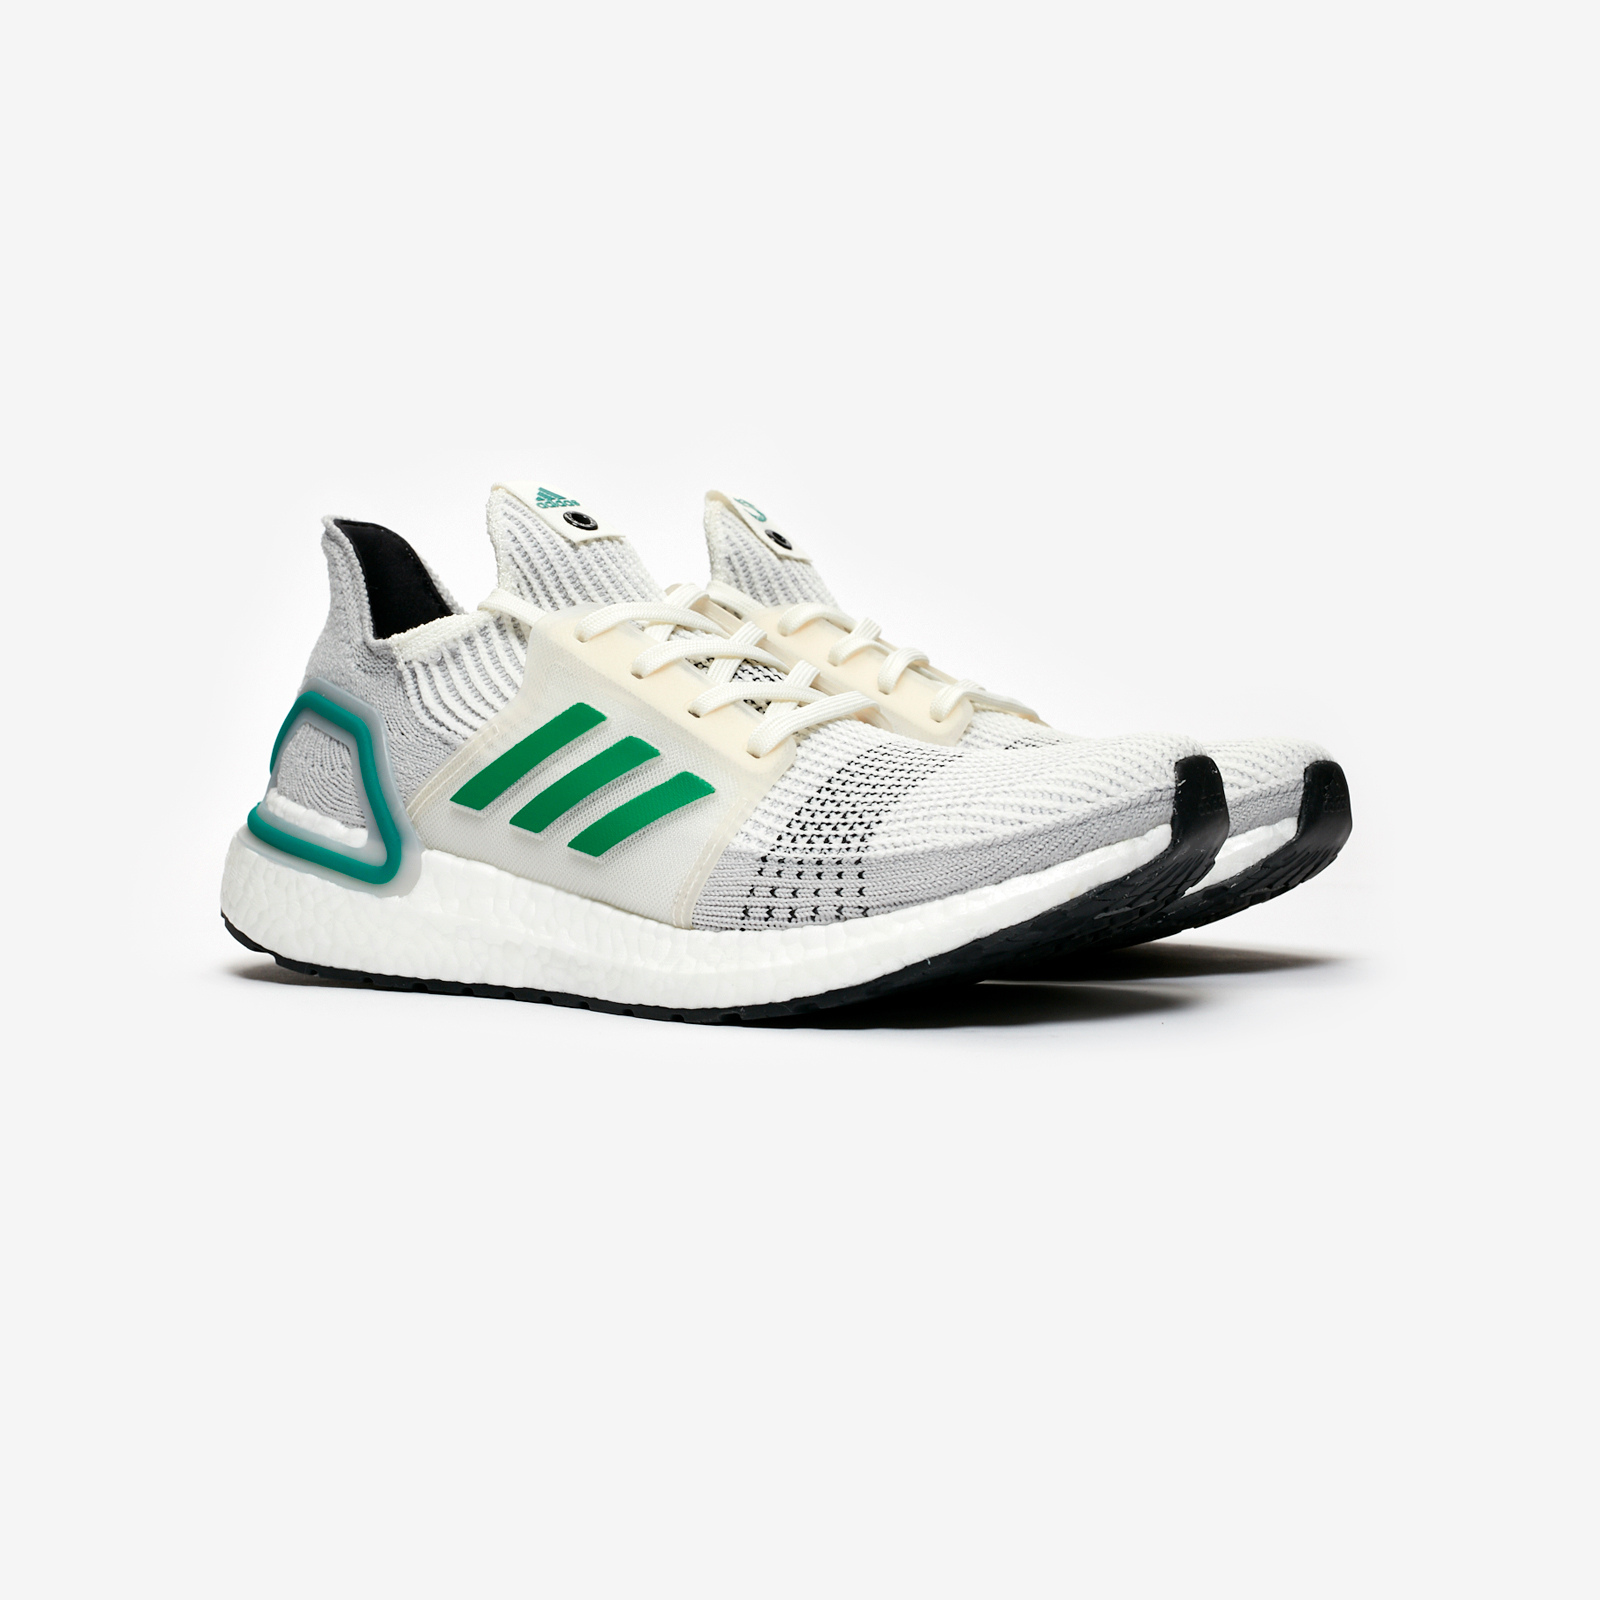 adidas Ultraboost 19 x Consortium Ee7517 Sneakersnstuff